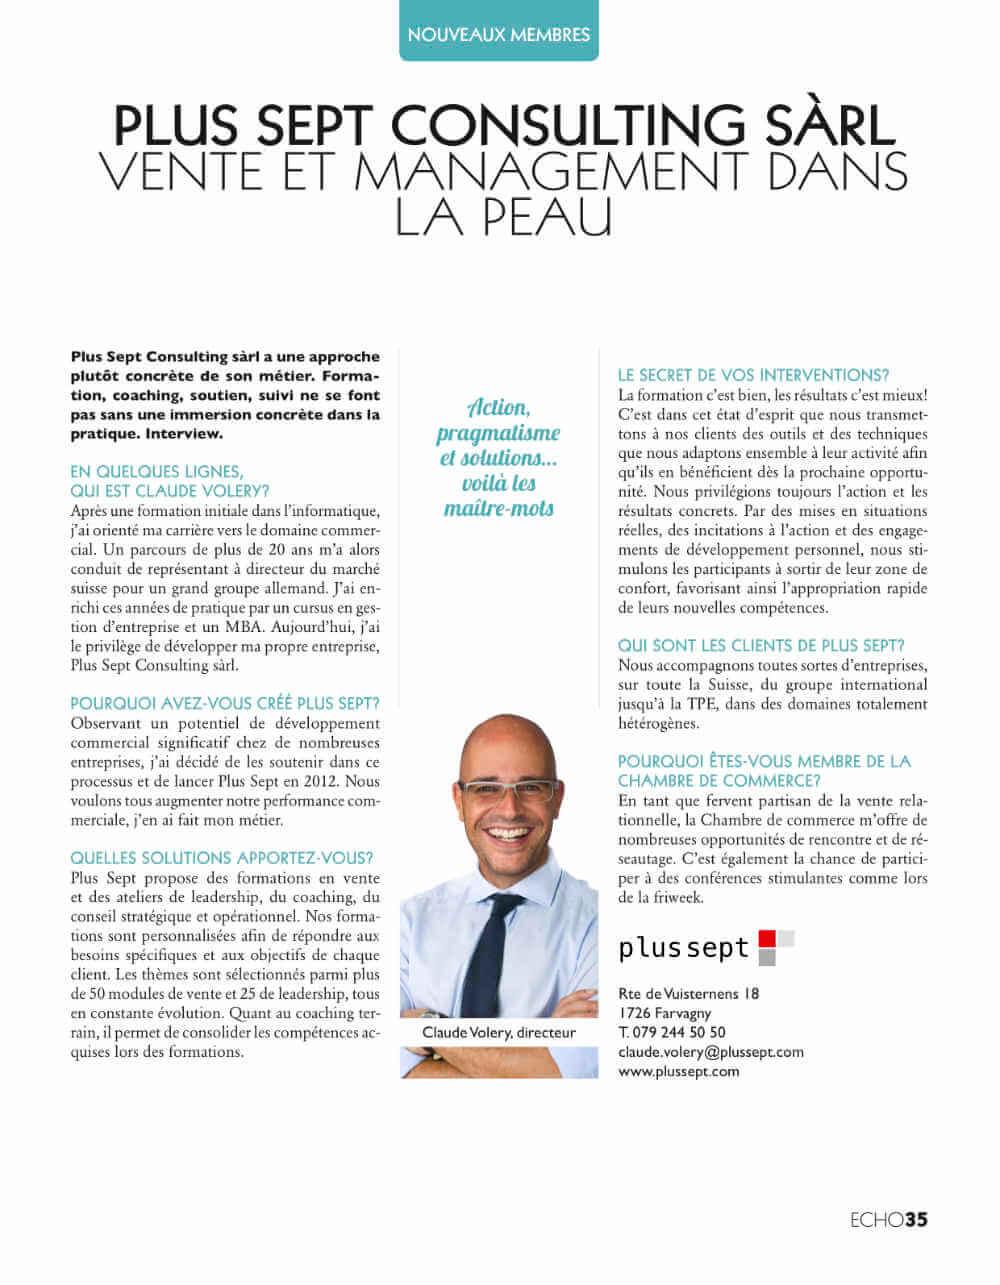 Interview de Claude Volery, directeur de Plus Sept, pour la CCIF